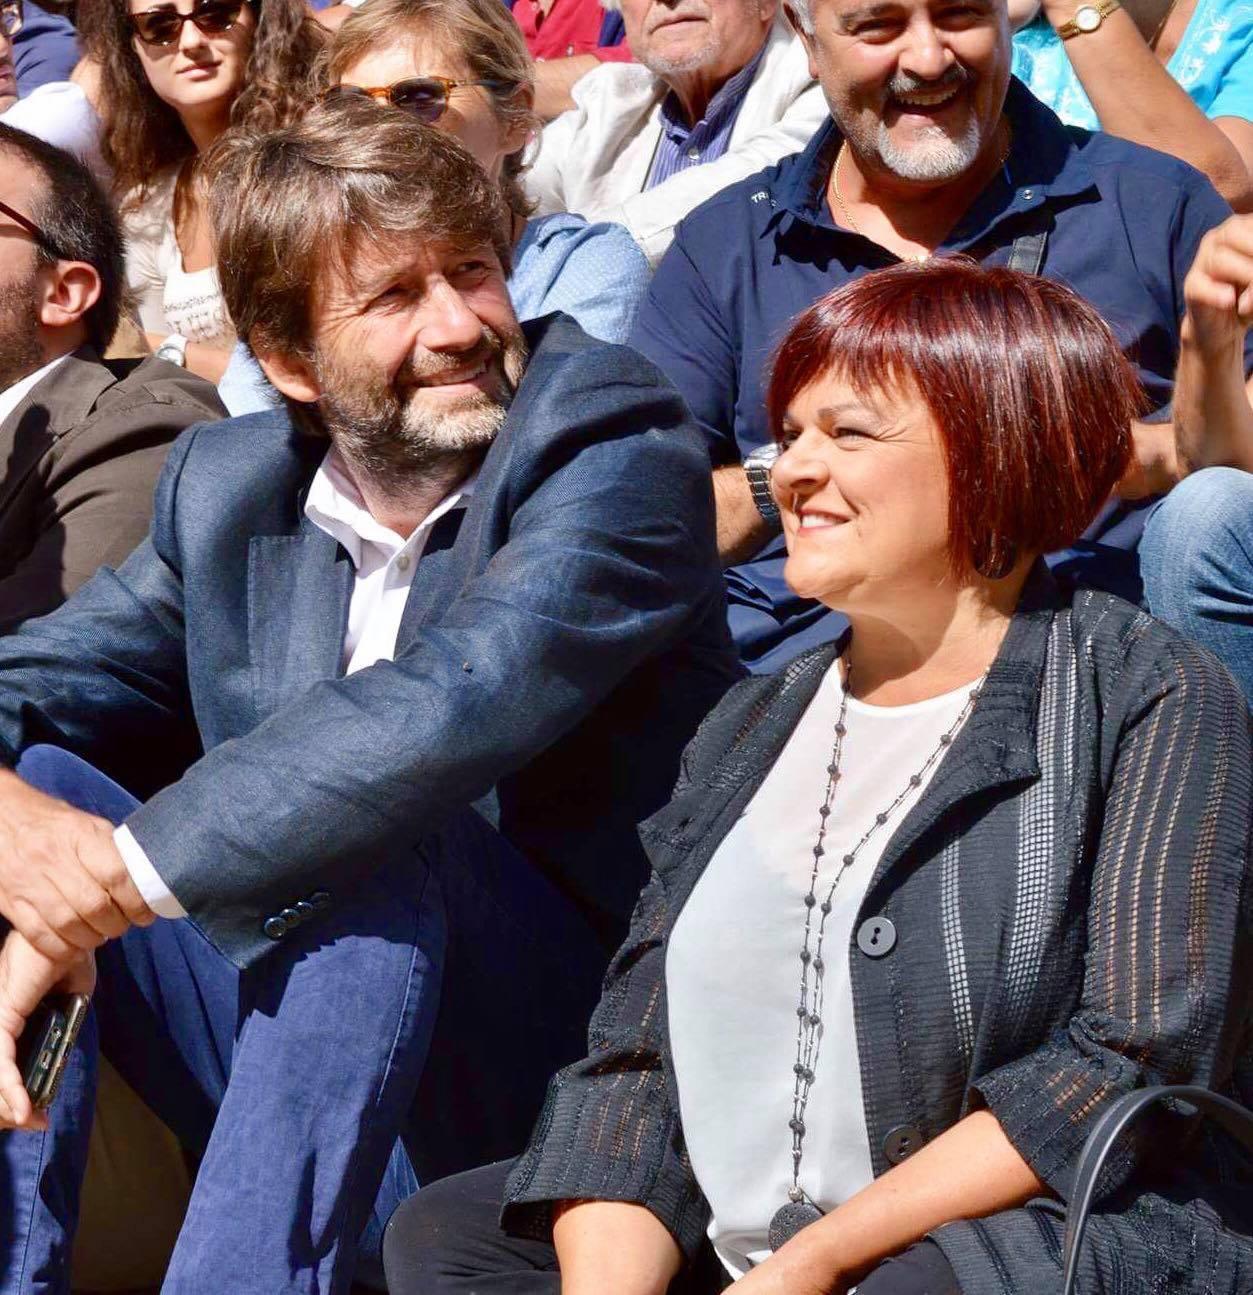 Festival LAquila, Pezzopane (Pd) al sindaco Biondi: basta polemiche. Mettiamoci al lavoro per i giovani